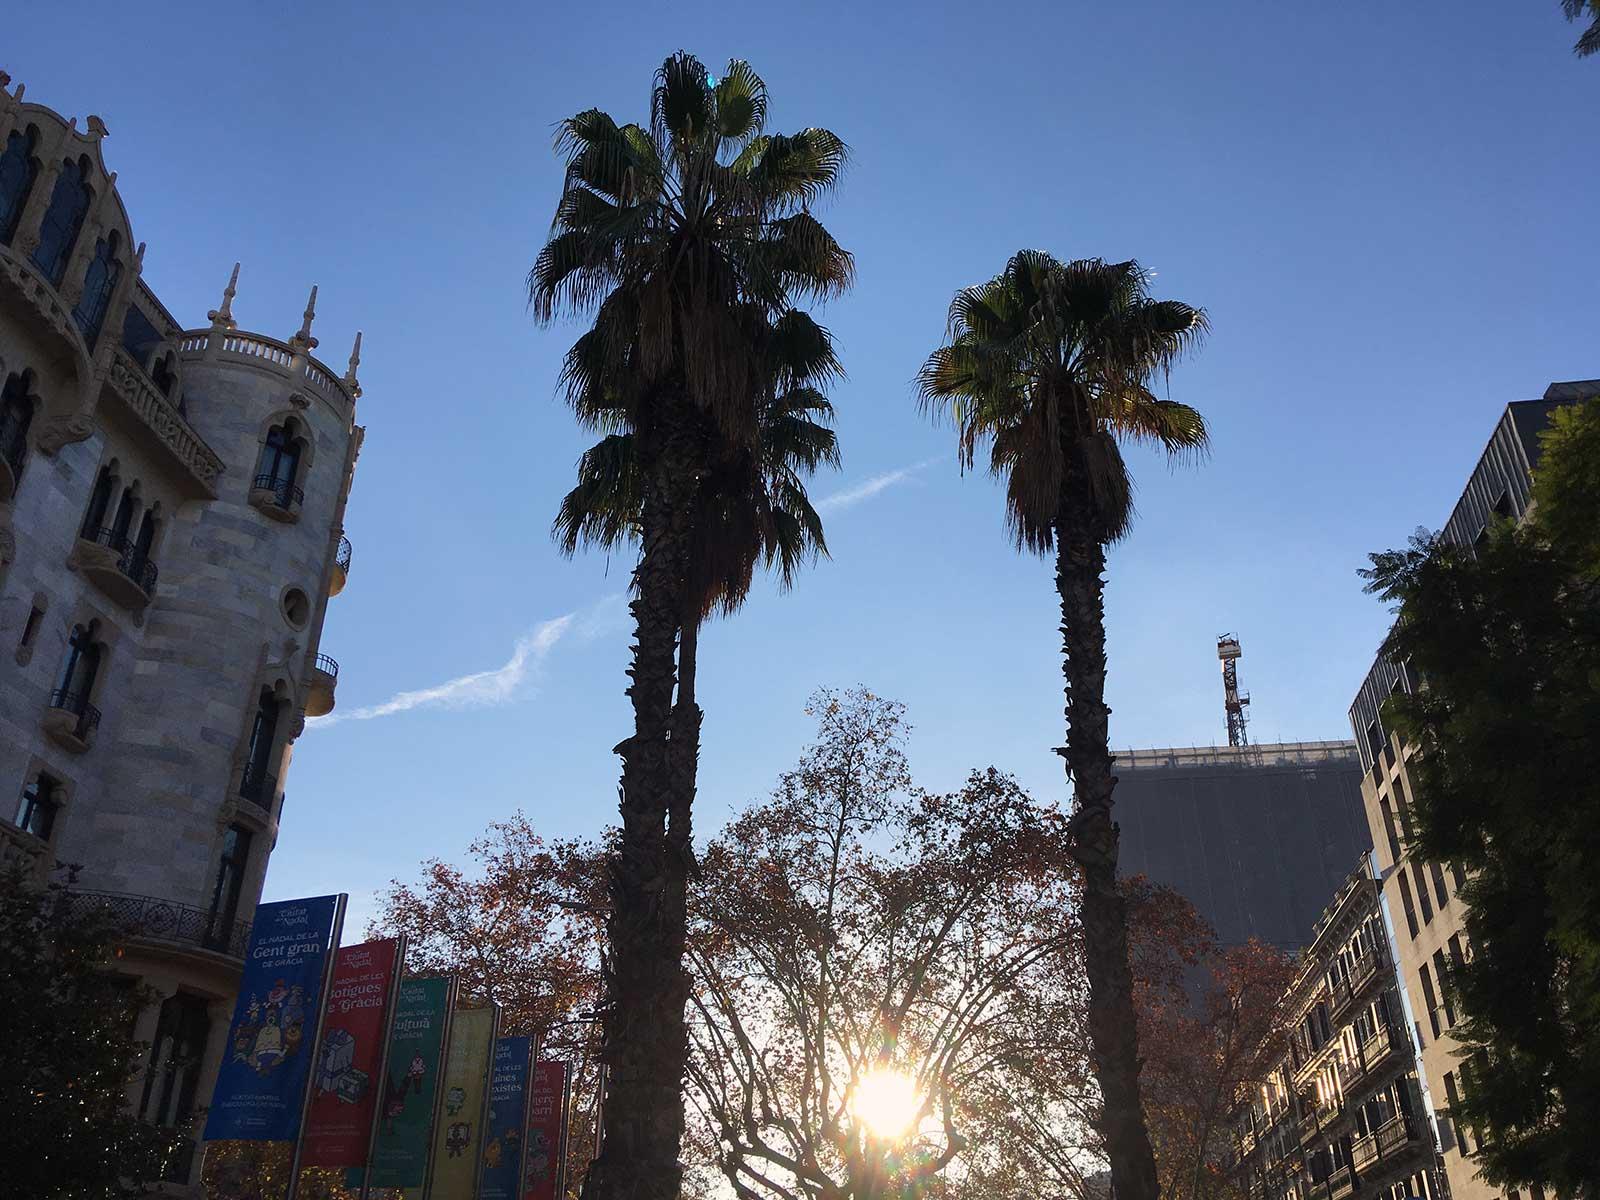 Palmeras en Mayor de Gracia. Barcelona, 21 diciembre 2020